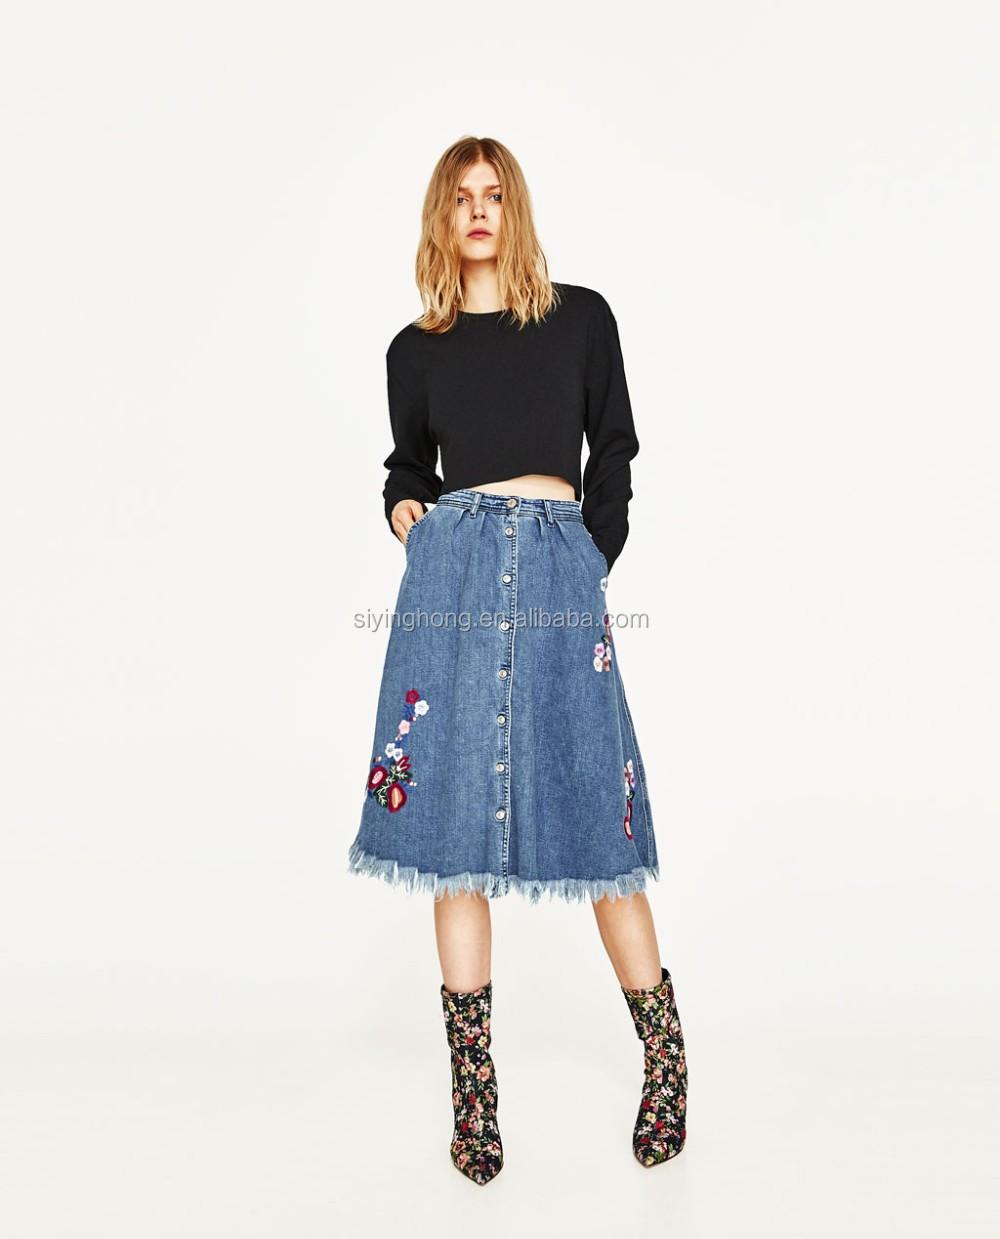 9eb5d3eceae Дамы с высокой талией длинные джинсовые юбки кружево Контрастность Denim  Midi A-Line Skirt